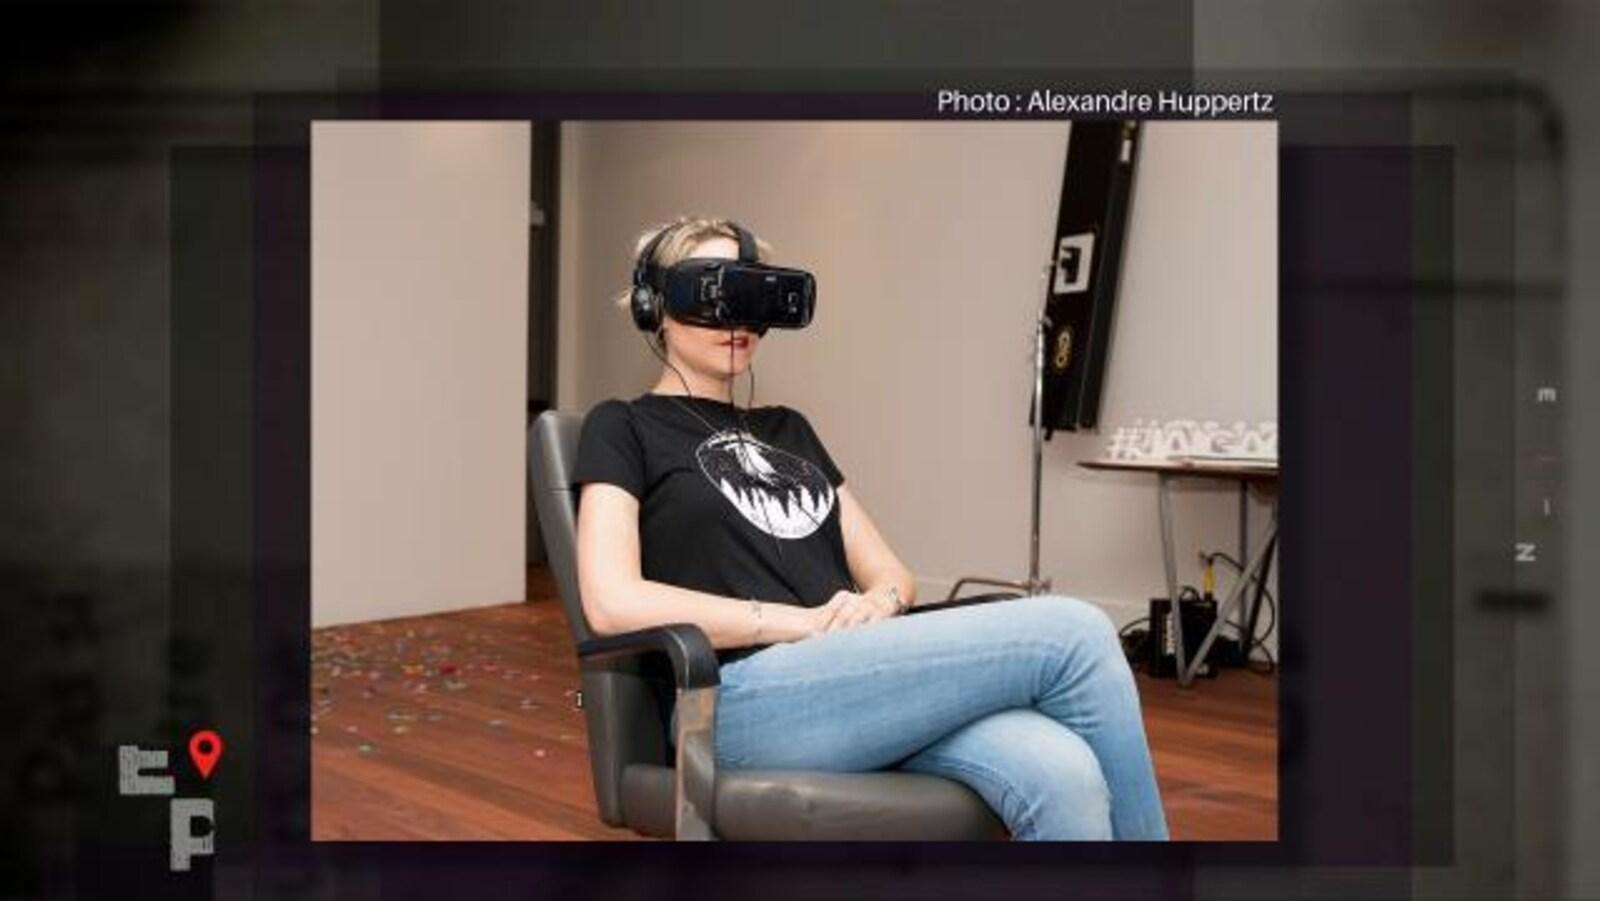 La chroniqueuse expérimente la réalité virtuelle.